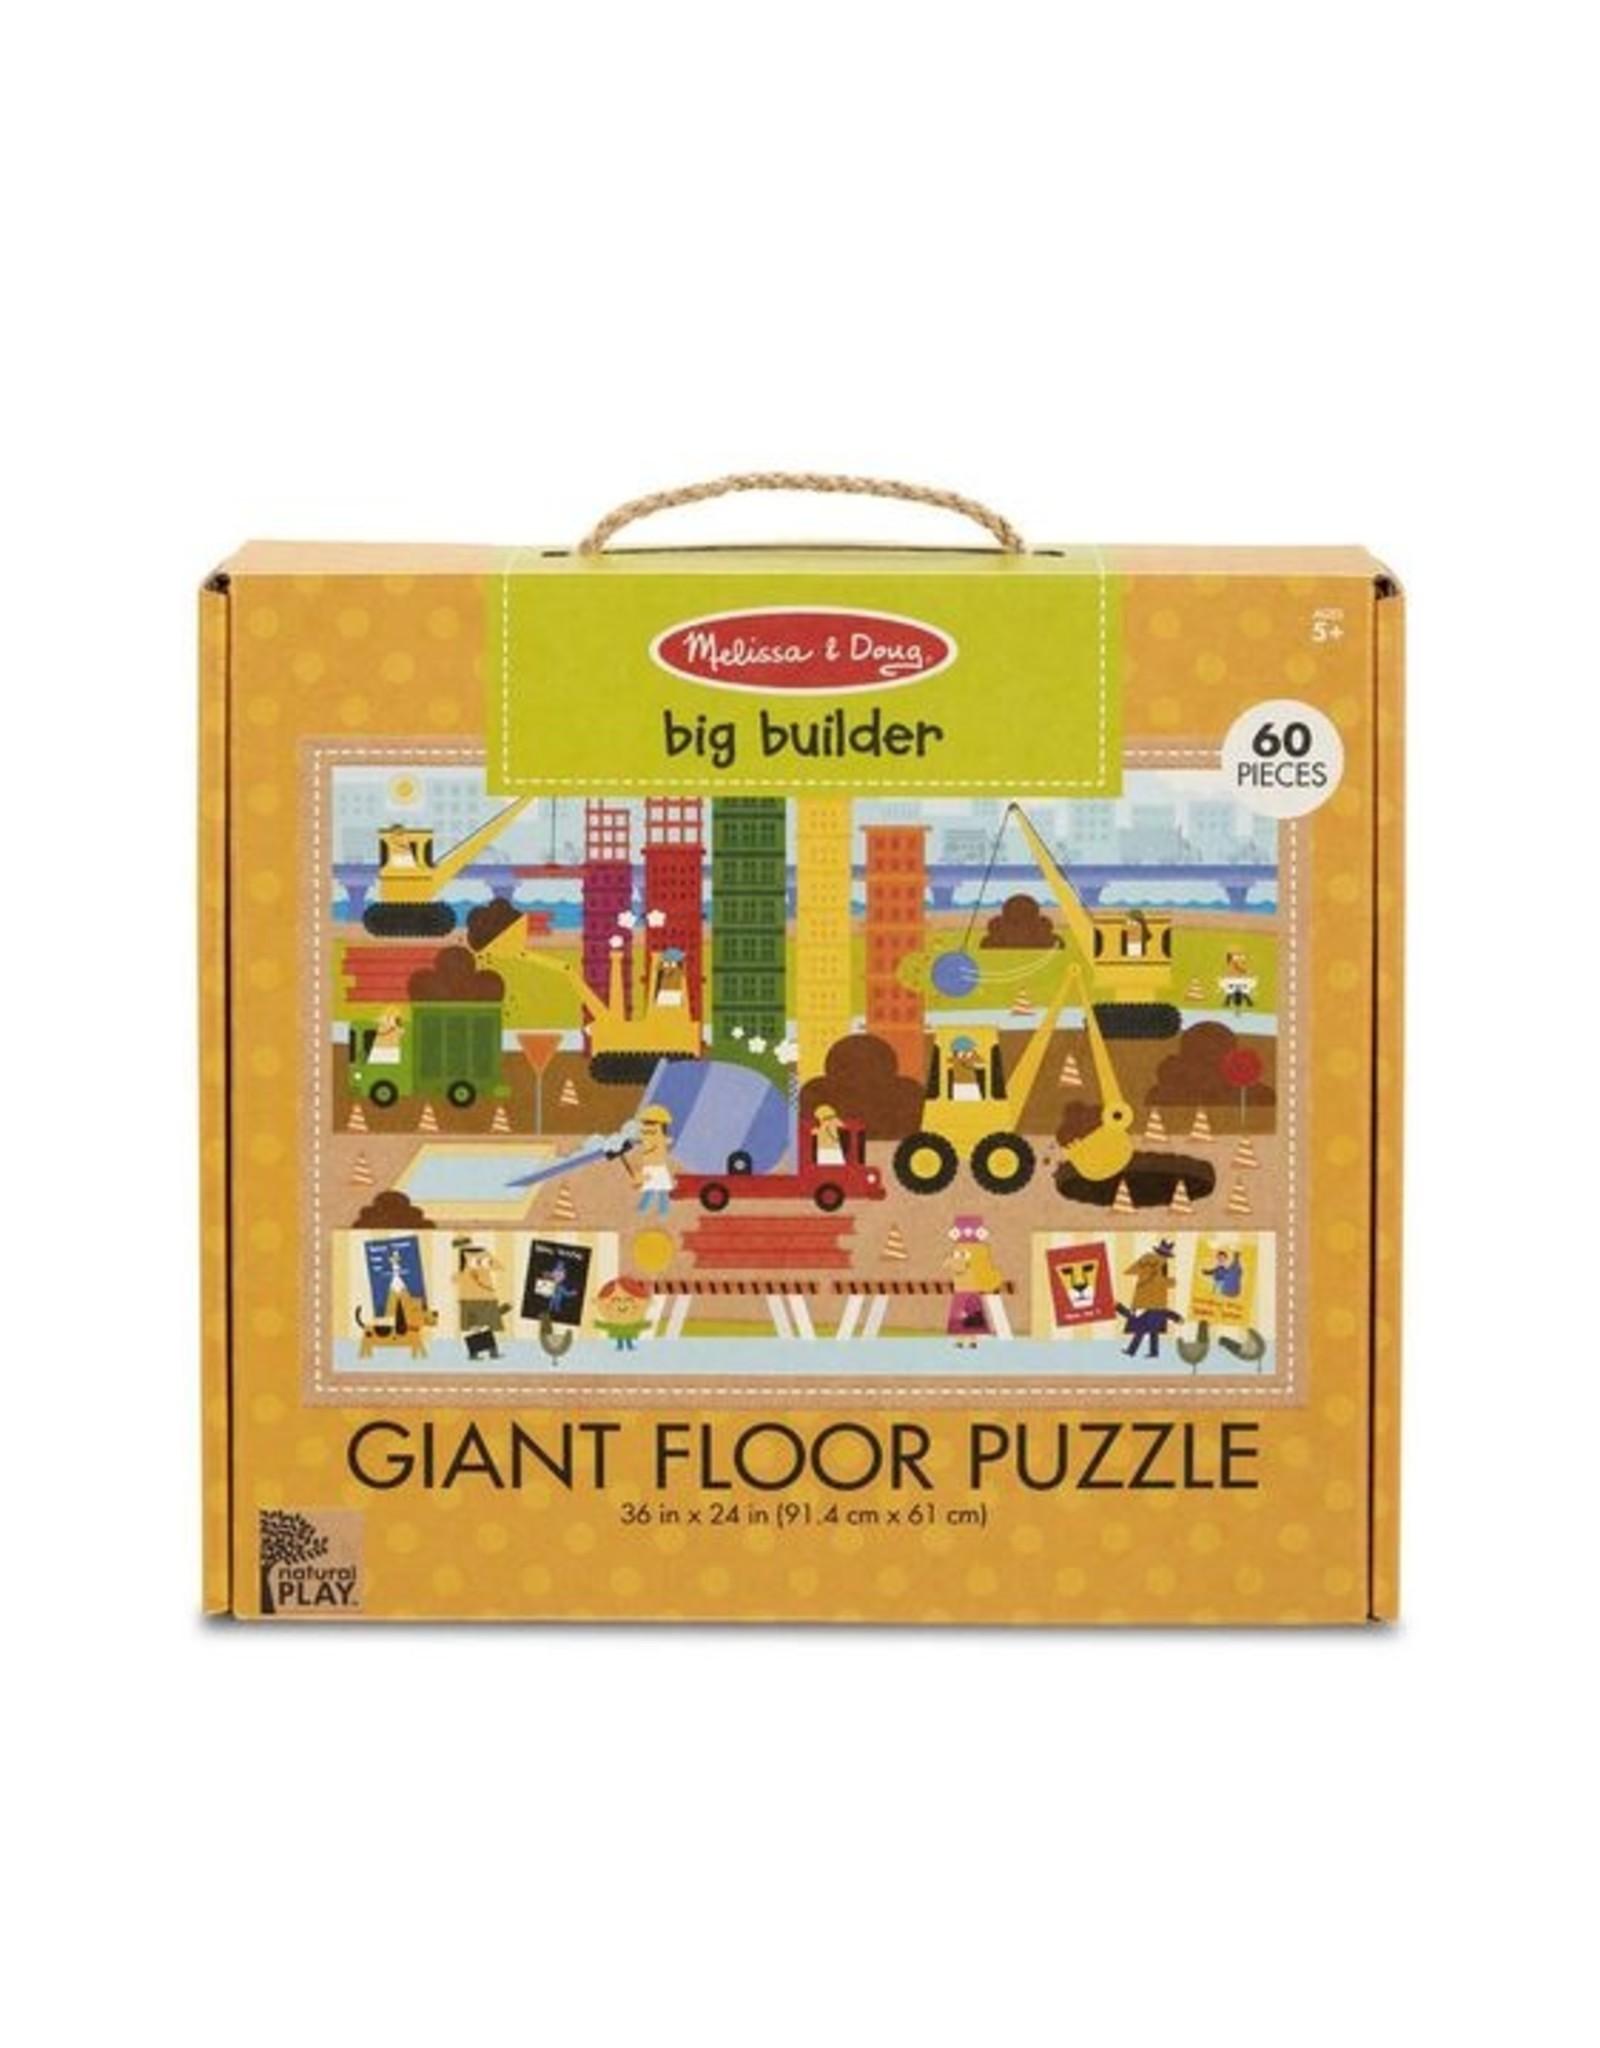 NP Giant Floor Puzzle - Big Builder